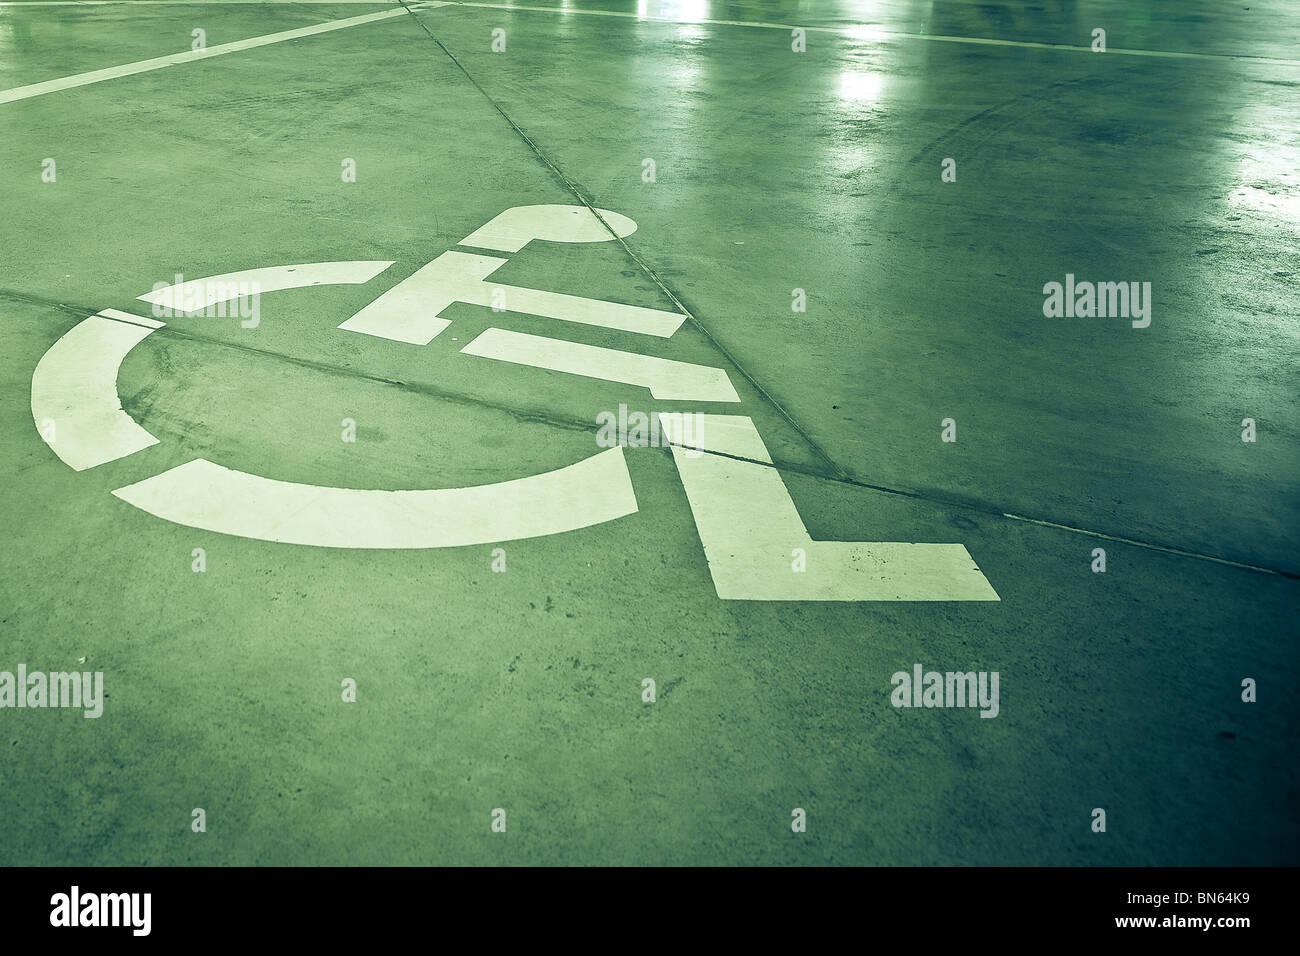 Segno di disabilità su sfondo grunge Immagini Stock